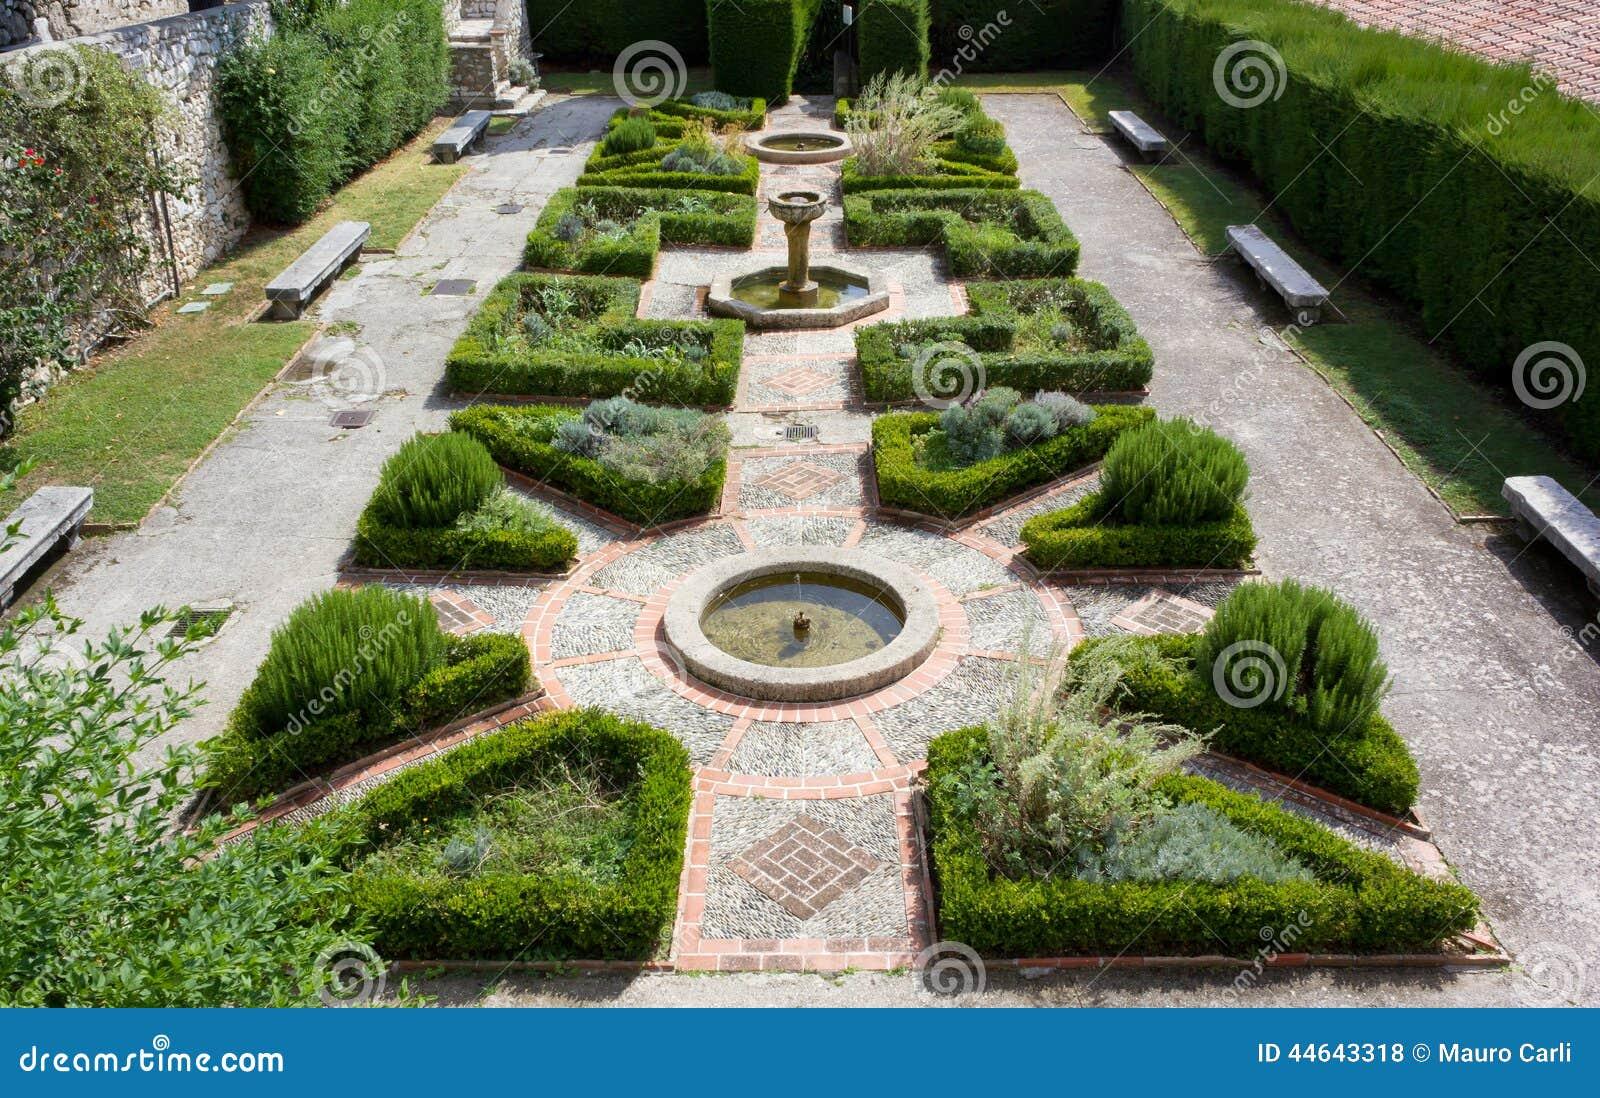 Jardin de monast re de cimiez nice photo stock image for Jardin nice